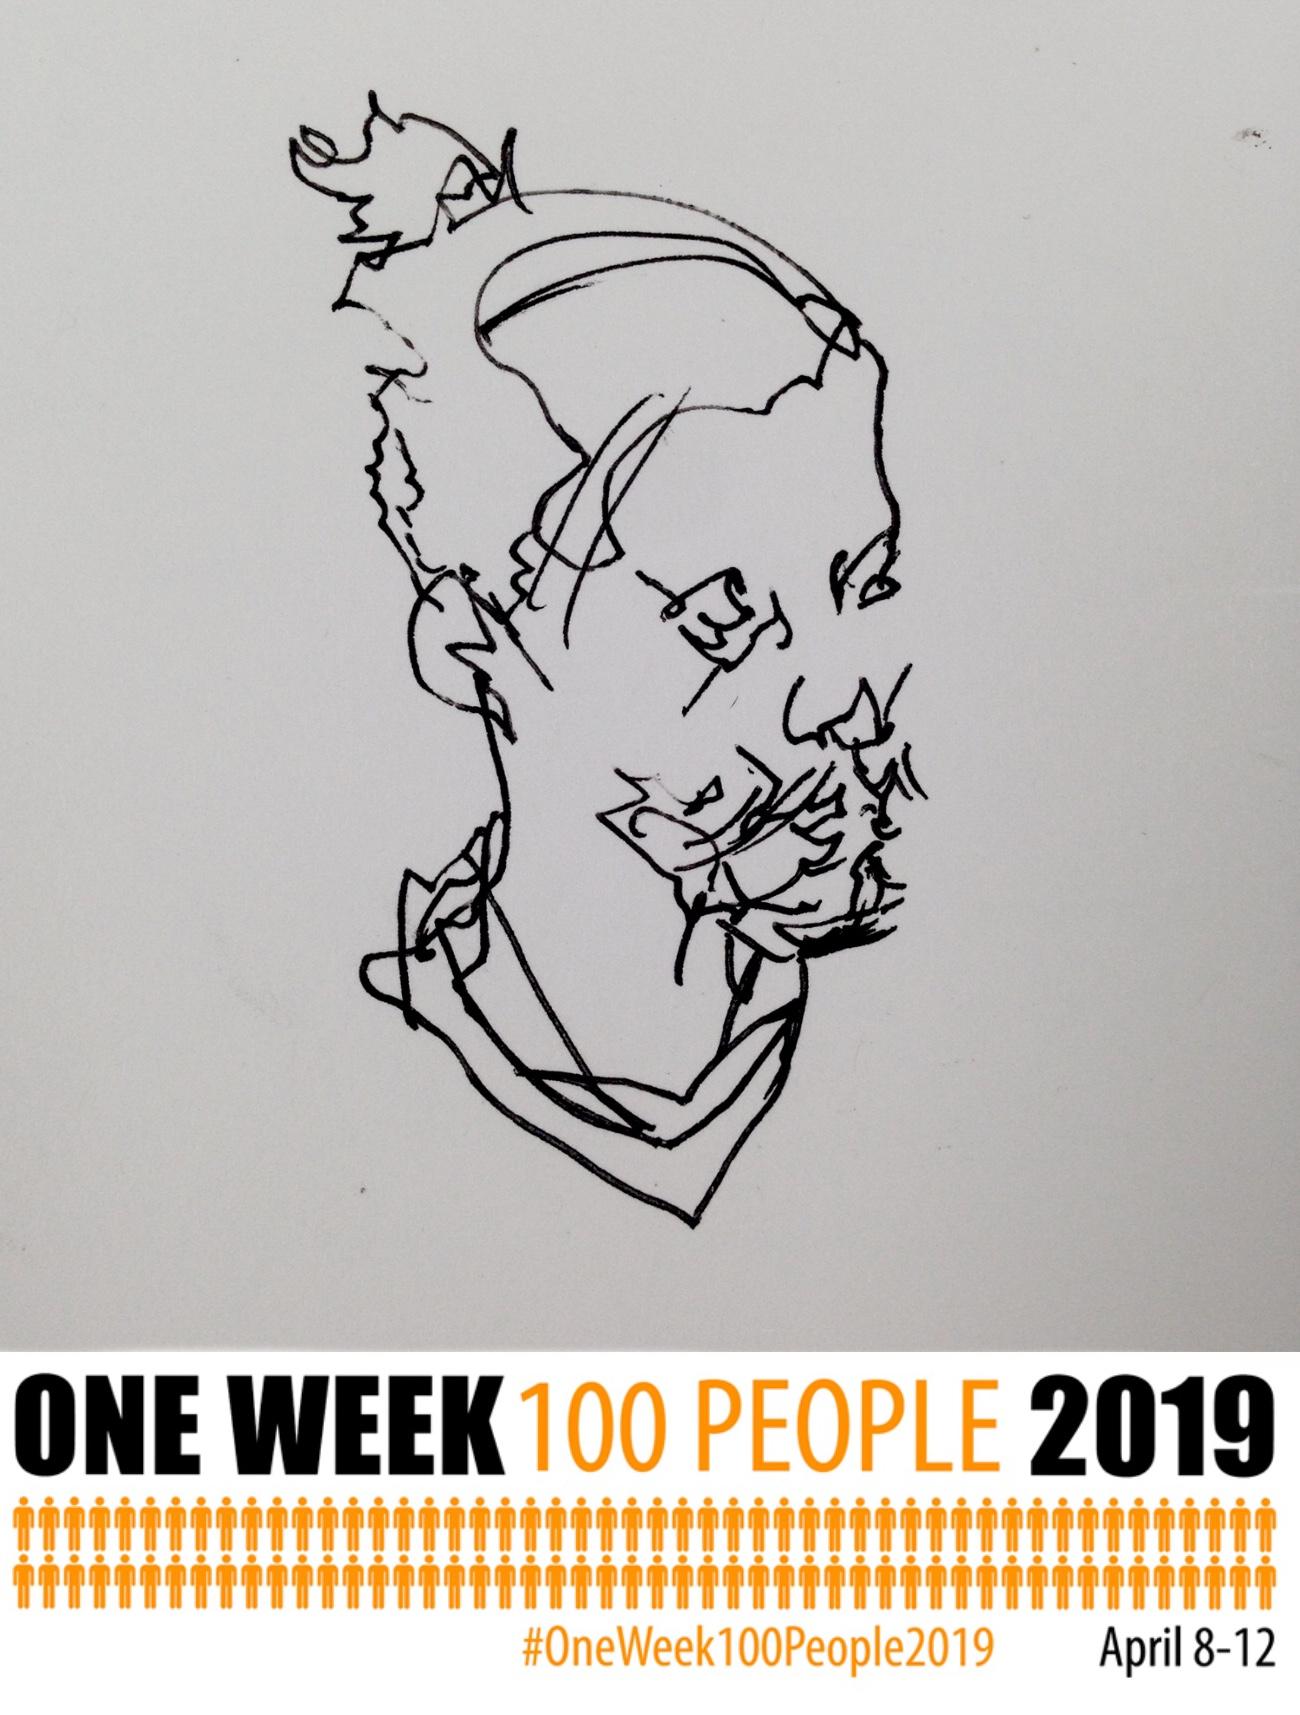 #OneWeek100People2019 : Flight Check?